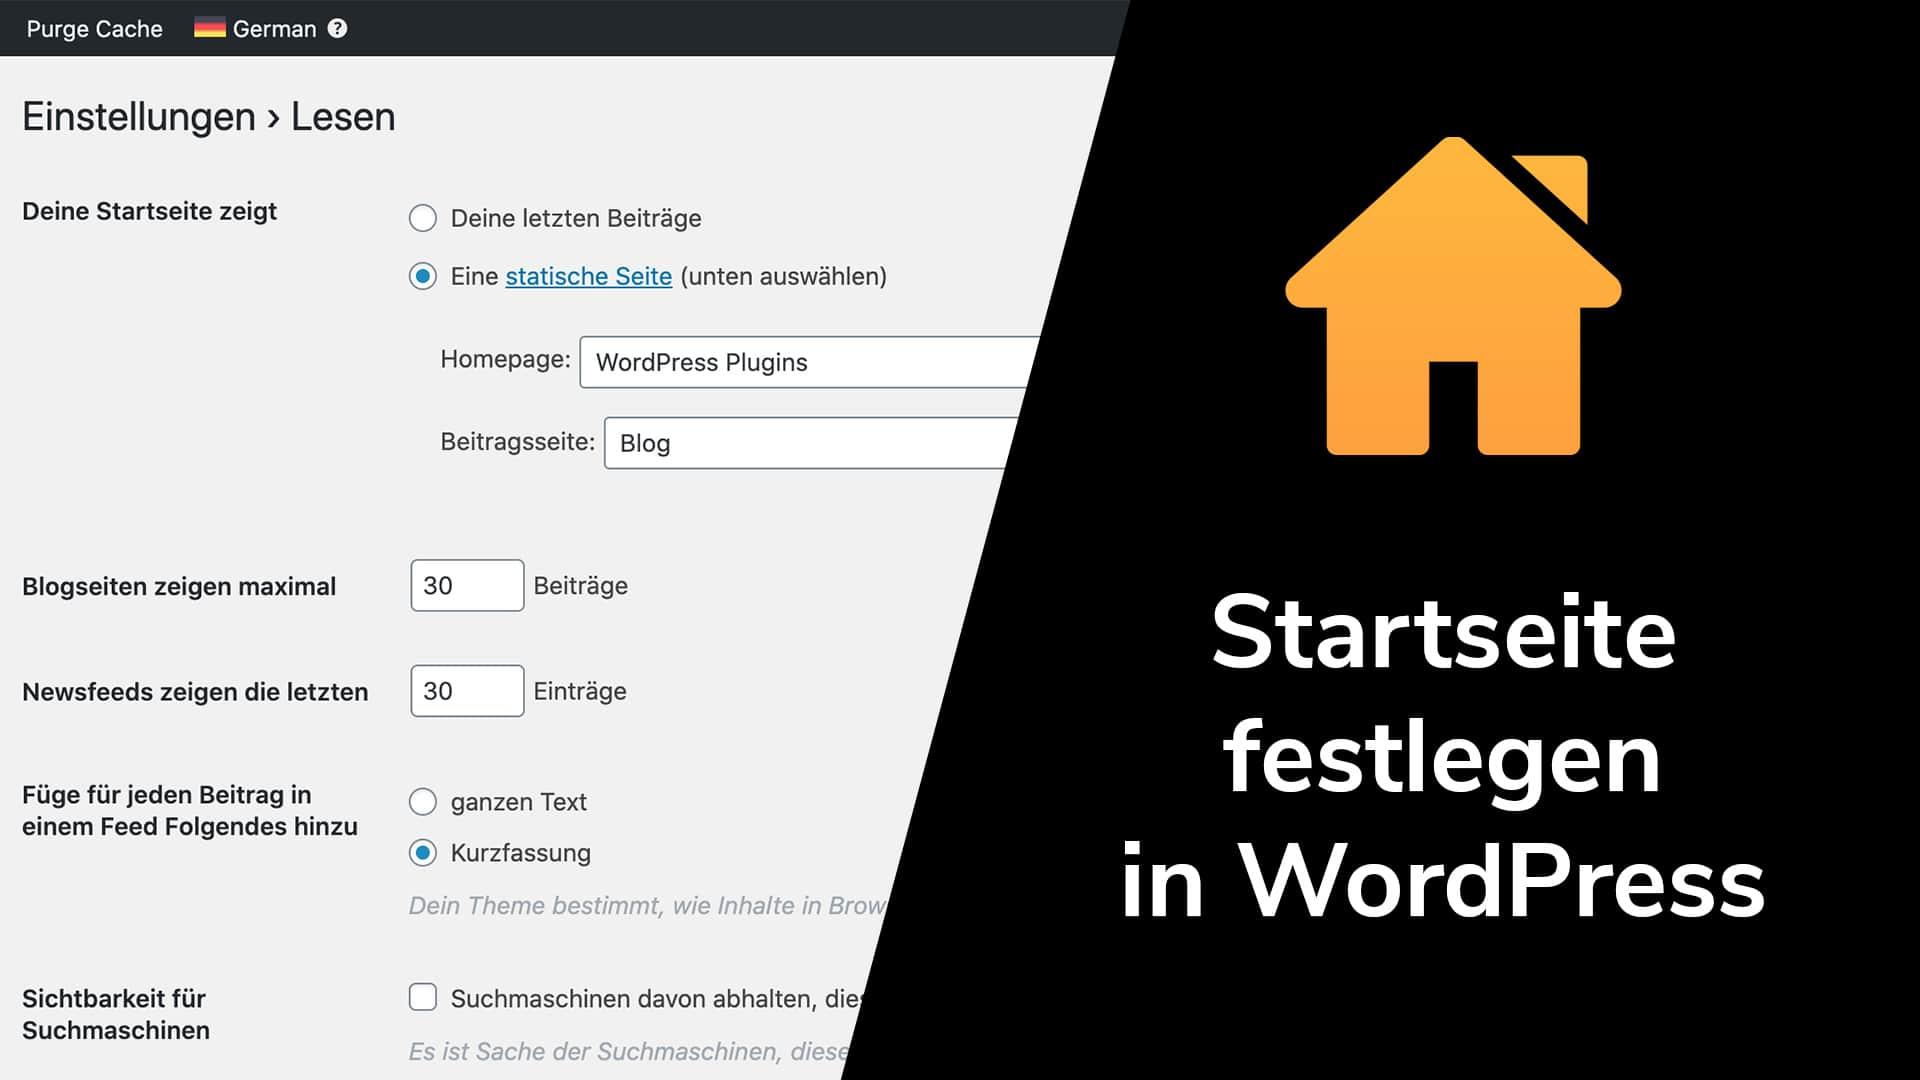 Startseite festlegen in WordPress